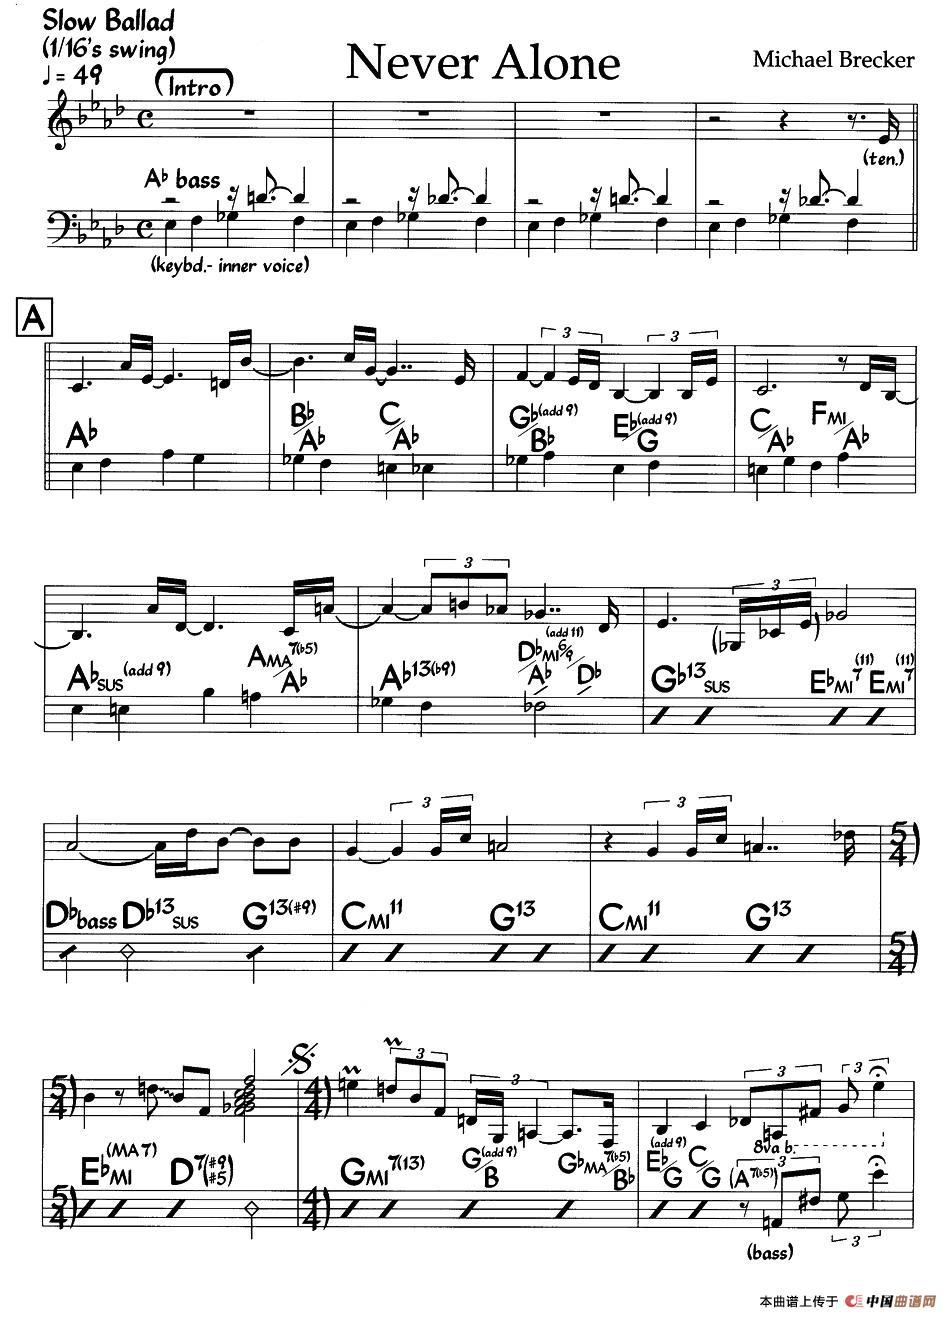 Never Alone钢琴谱 爵士钢琴曲 器乐乐谱 中国曲谱网